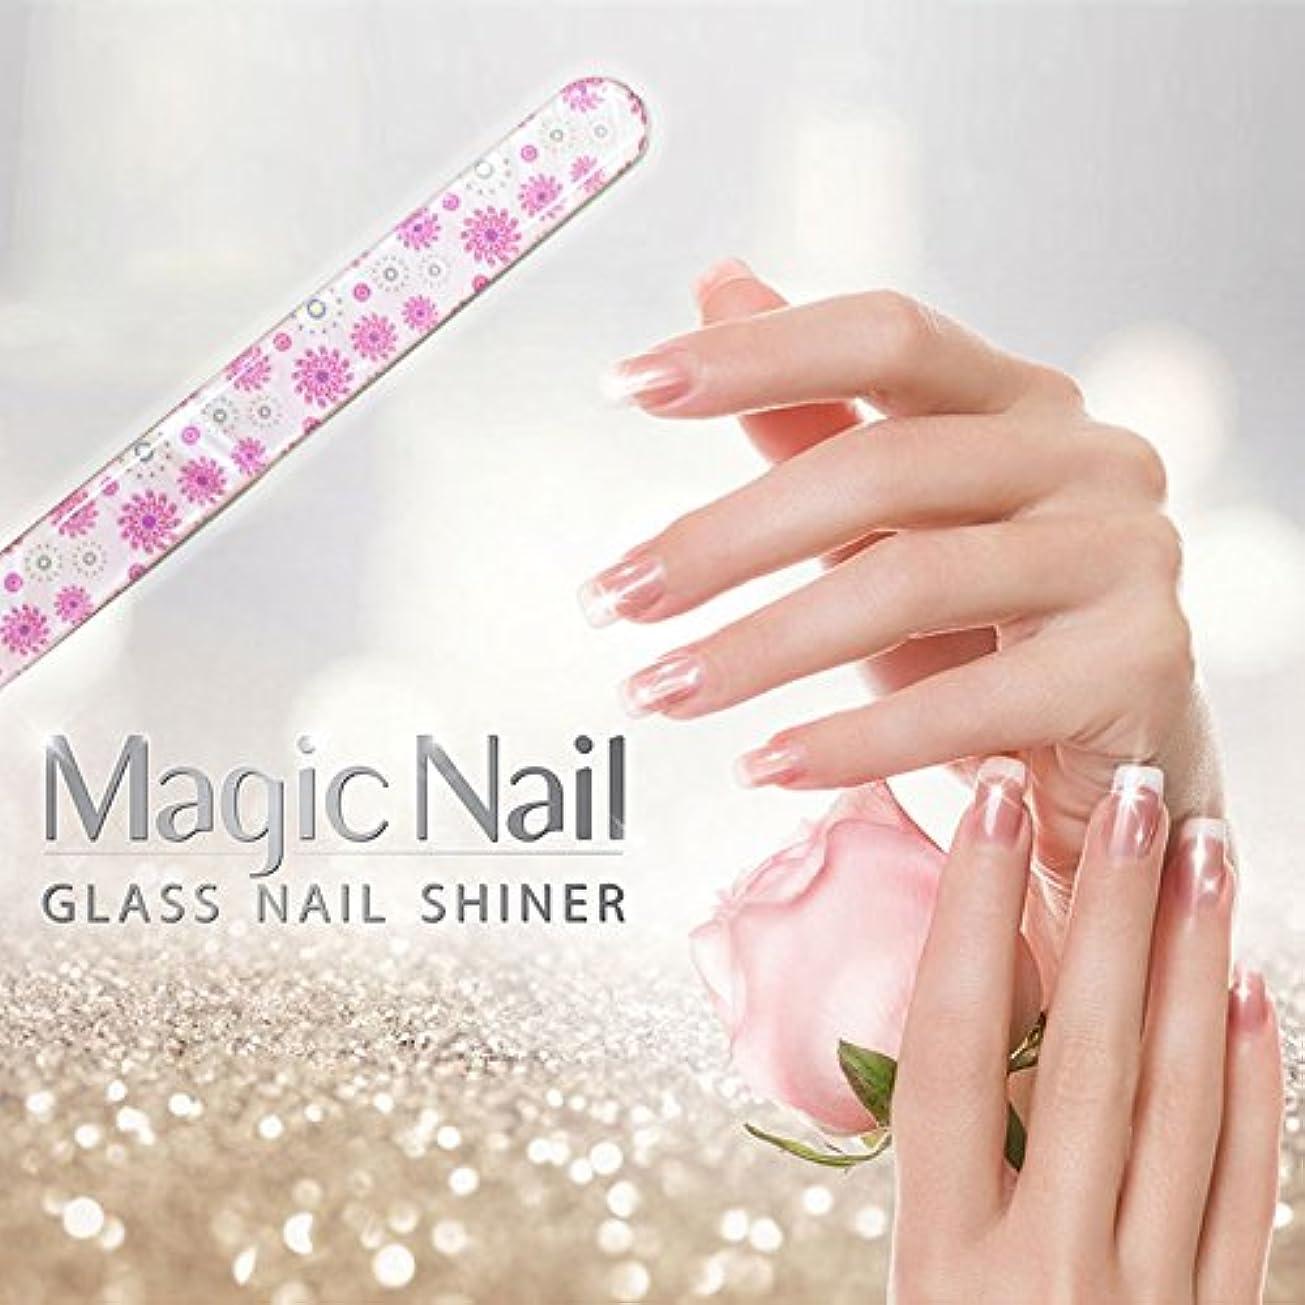 ナンセンス地域長いですエッサンテ(Essante) マジックネイル magic nail マニキュアを塗ったようなツヤ、輝きが家で誰でも簡単に出来る glass nail shiner ガラスネイルシャイナー おしゃれなデザイン つめやすり ツメヤスリ バッファー